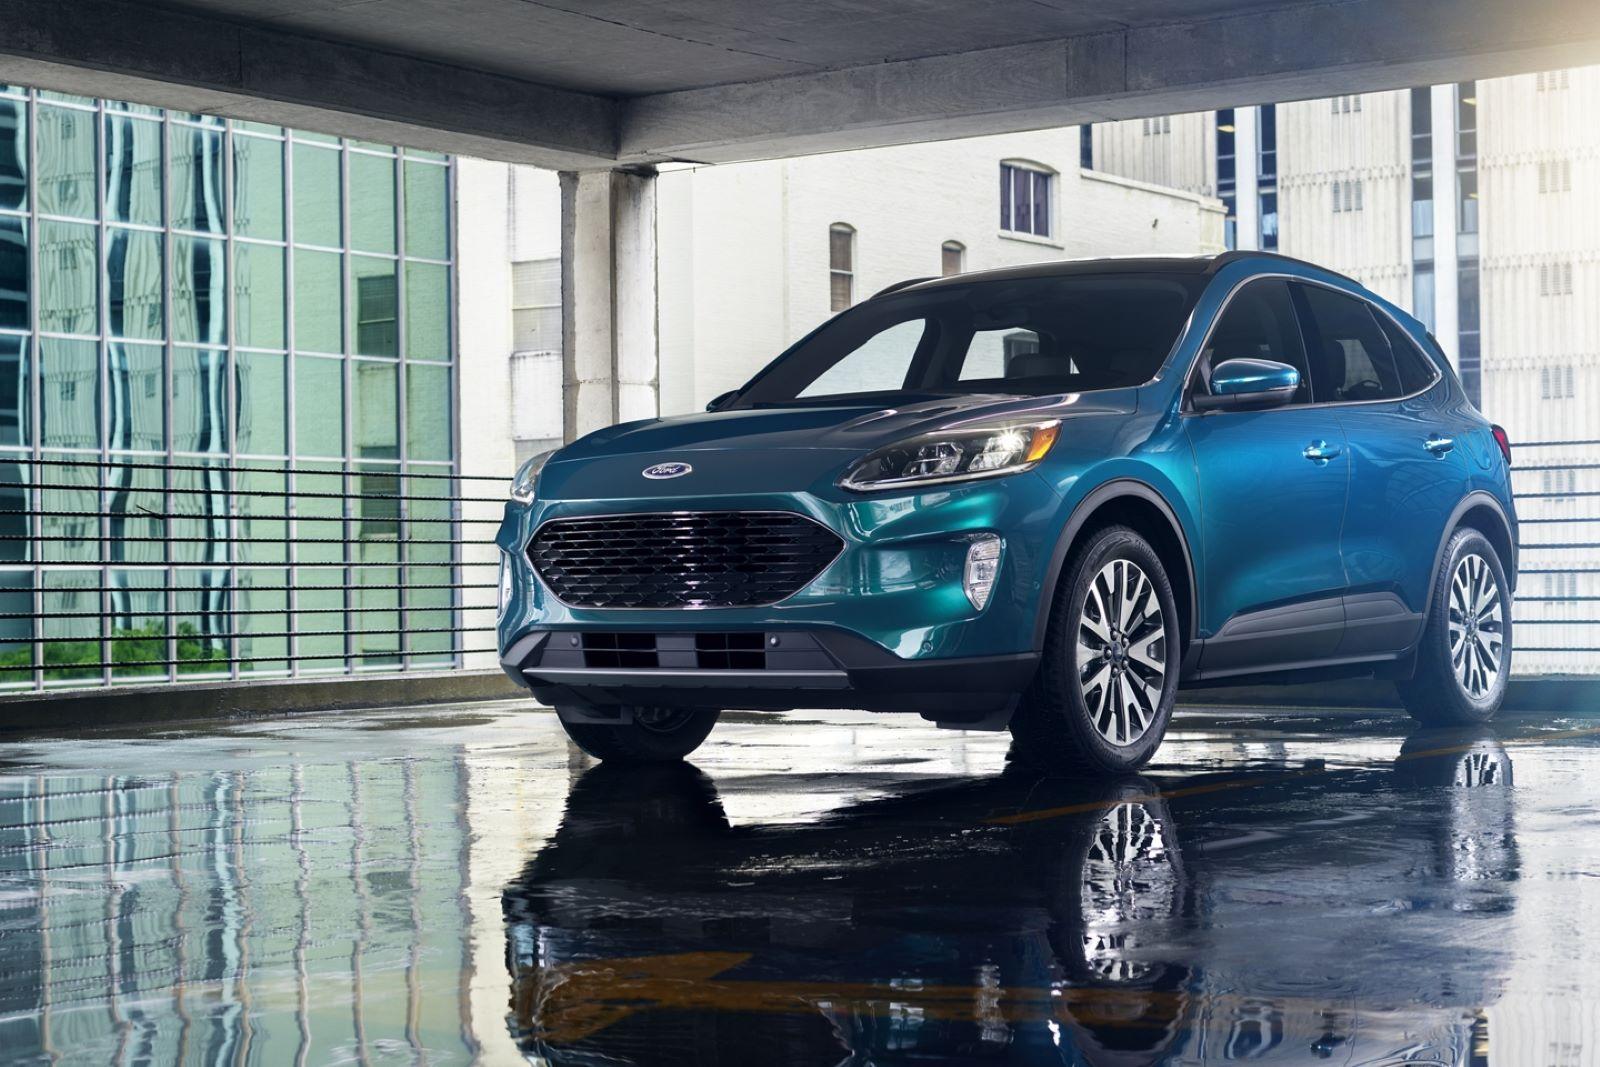 Ford Escape Vs Chevy Equinox >> 2020 Ford Escape Vs 2020 Chevrolet Equinox Rydeshopper Com